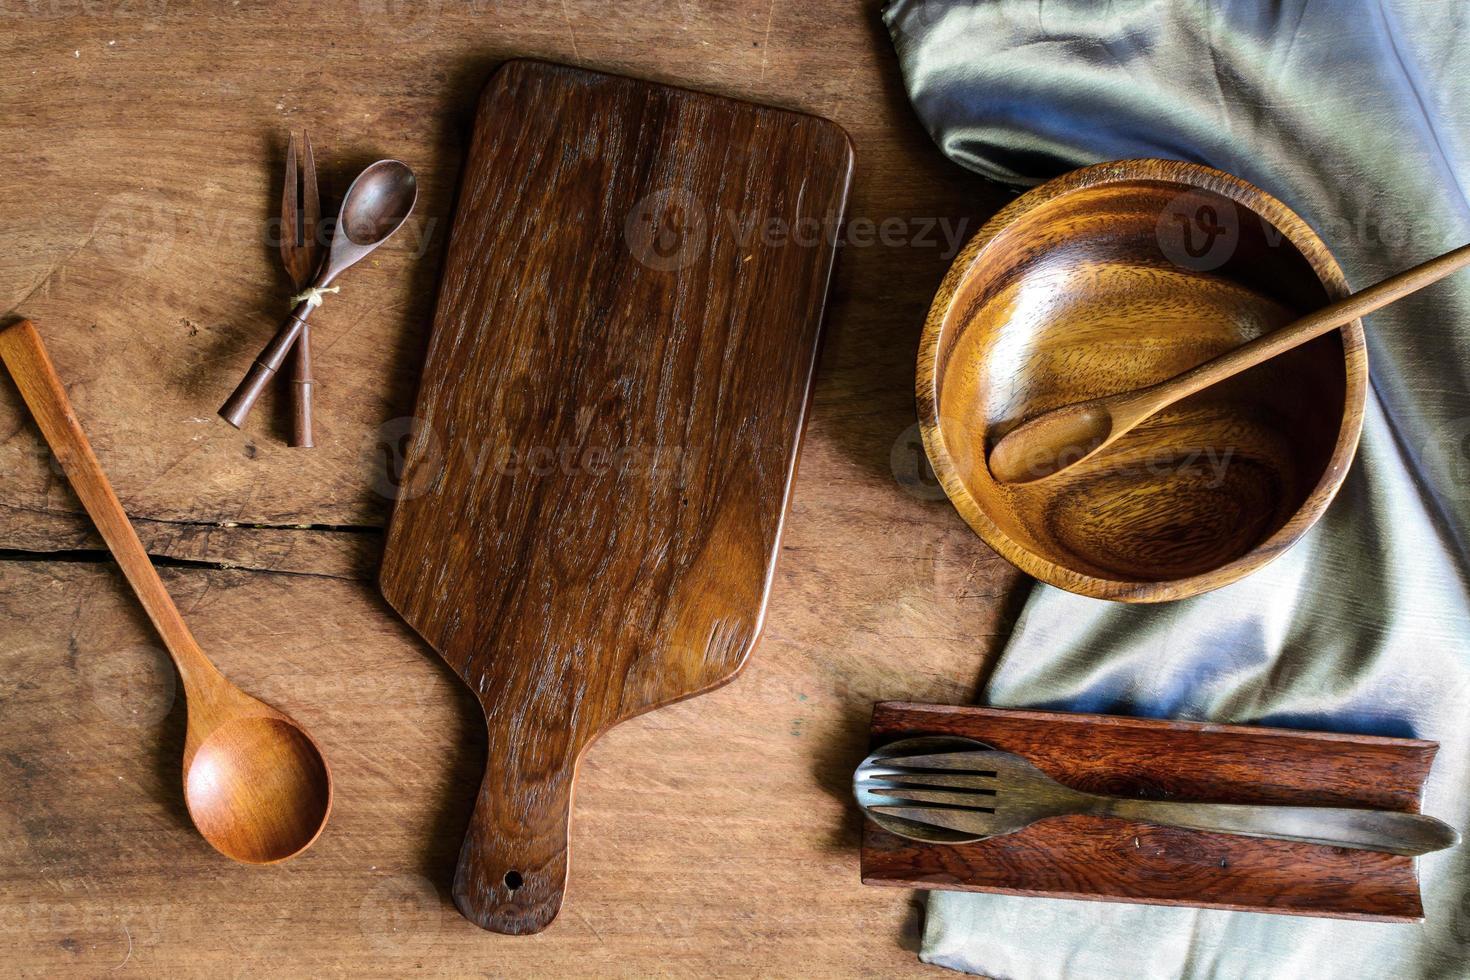 träredskap i kök på gammal träbakgrund foto